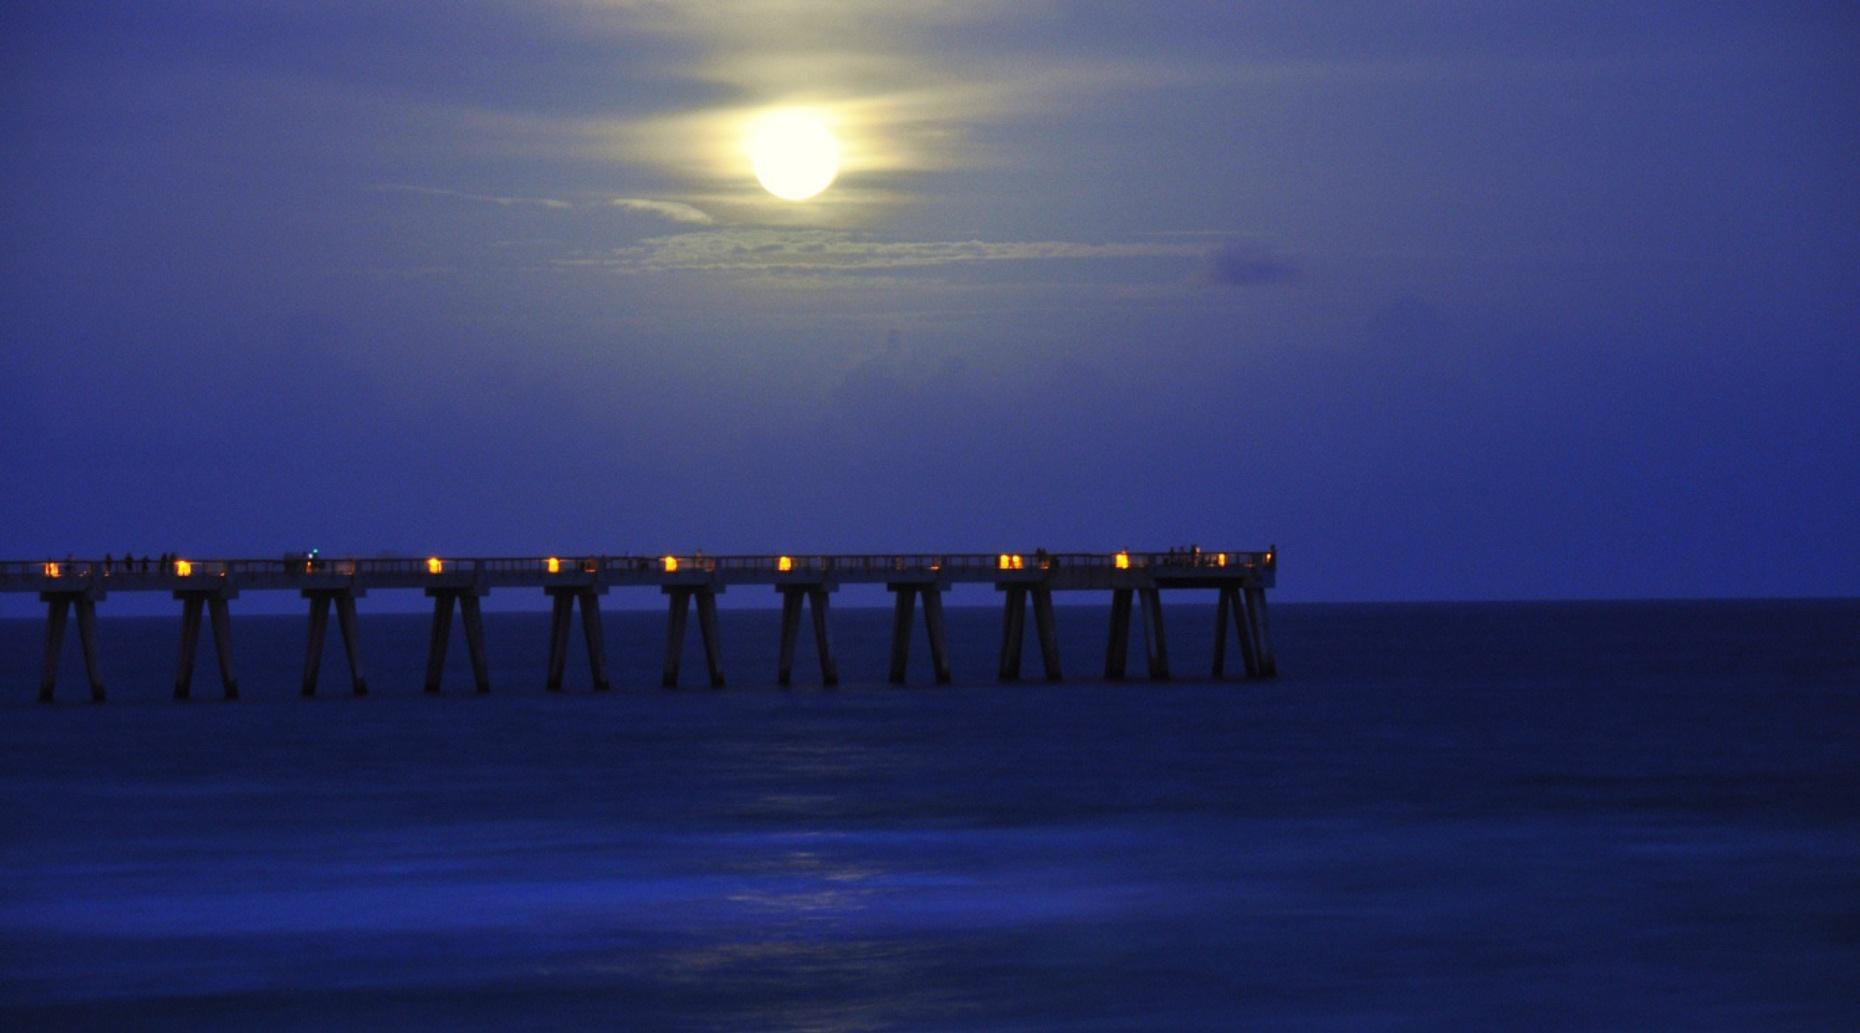 Night-Time Riverwalk & Bridges Cruise in Sarasota